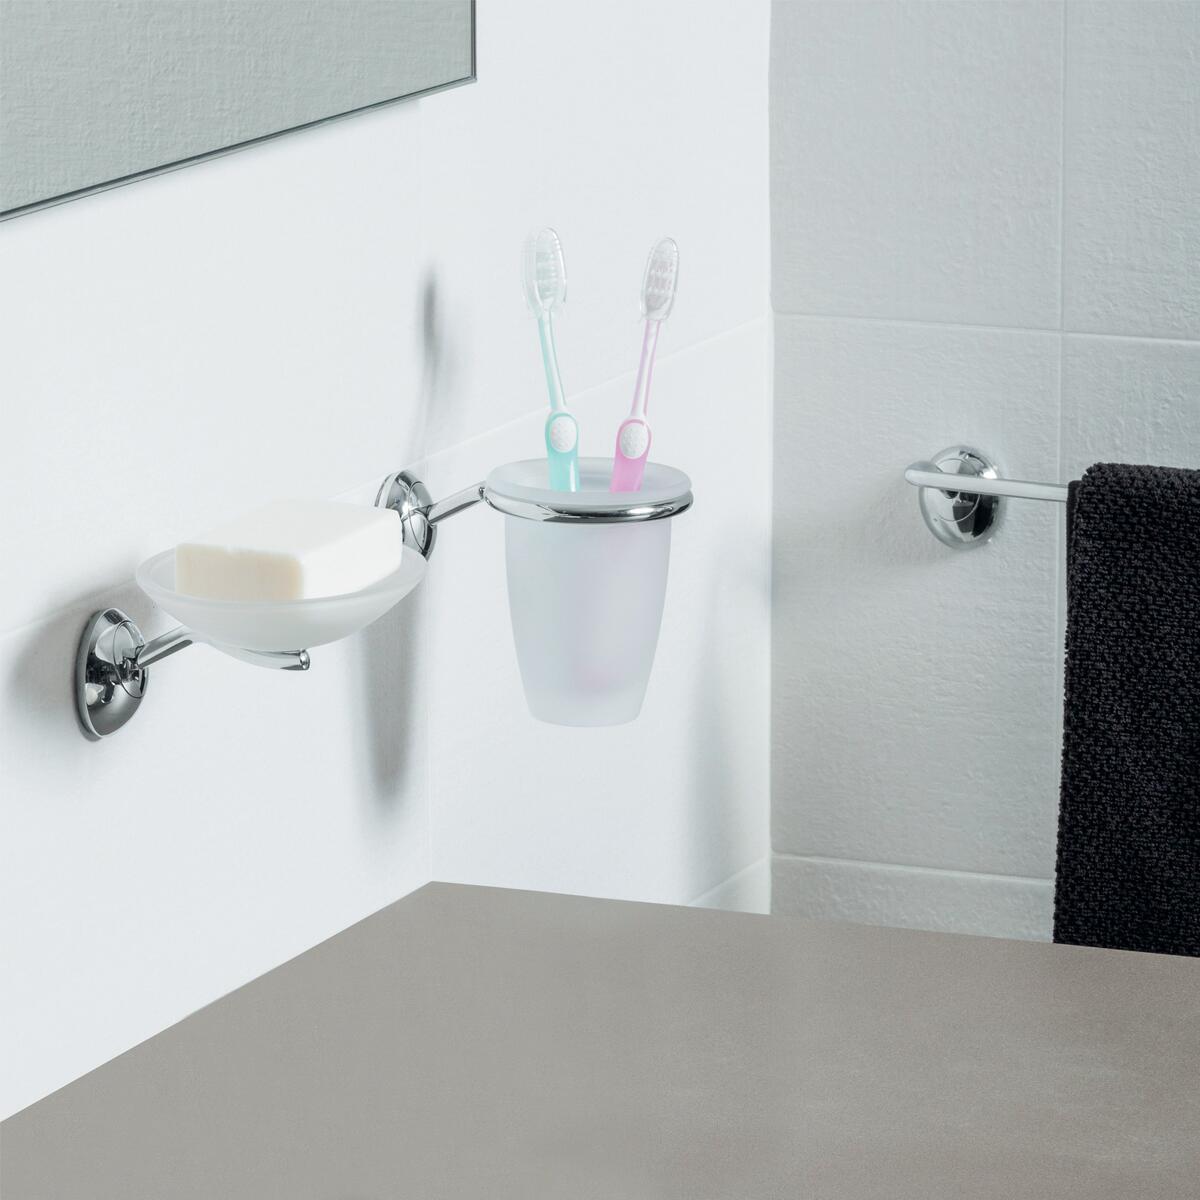 Porta scopino wc a muro Stile in zama cromo - 2